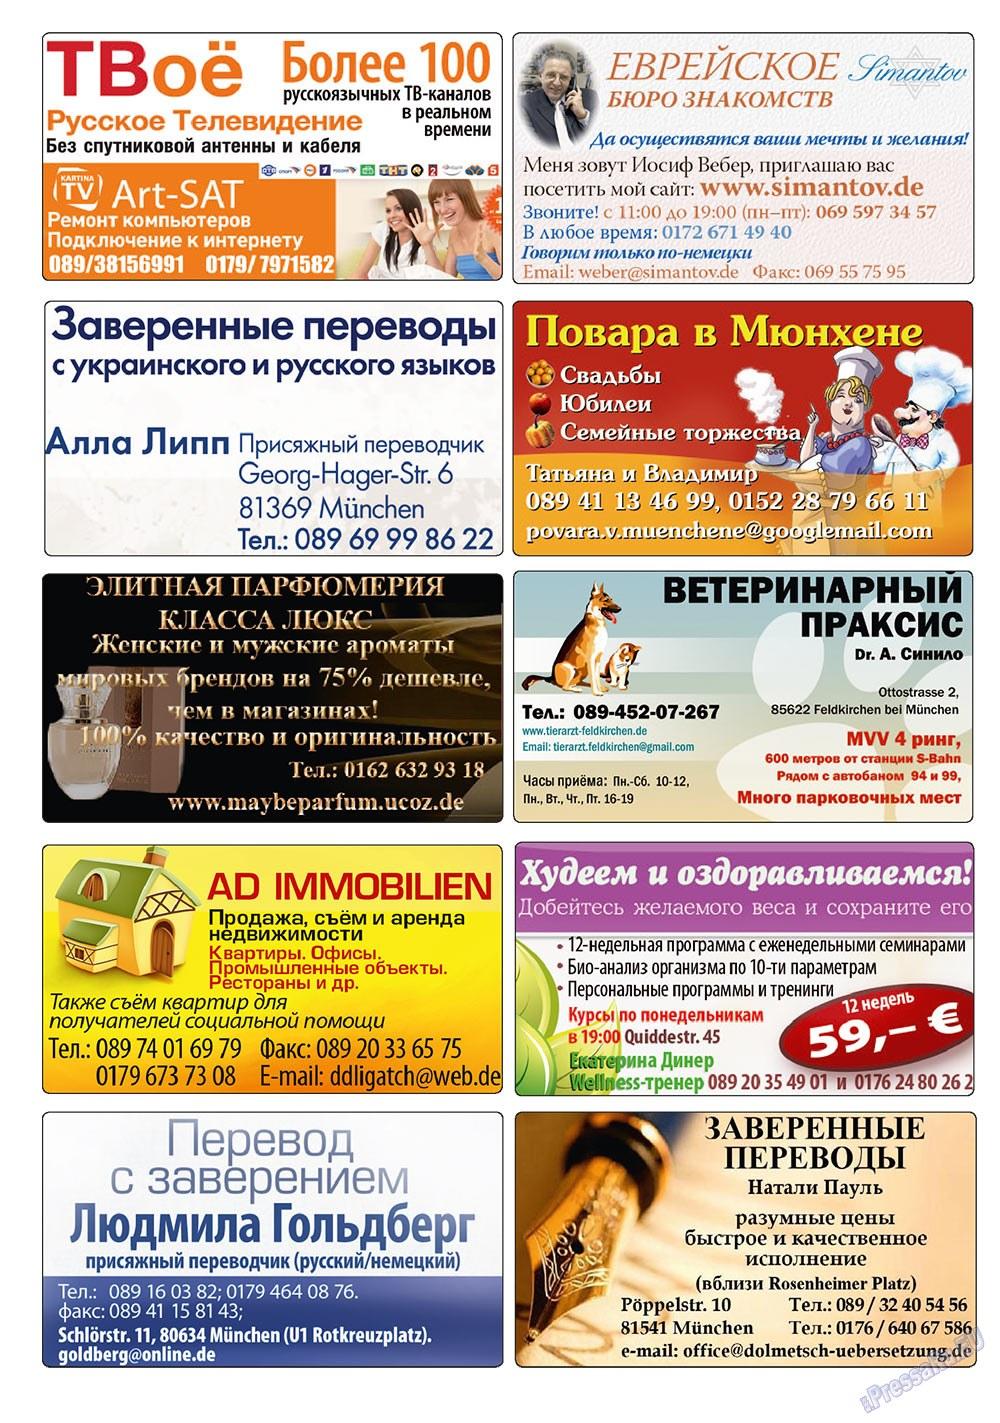 Апельсин (журнал). 2011 год, номер 22, стр. 30